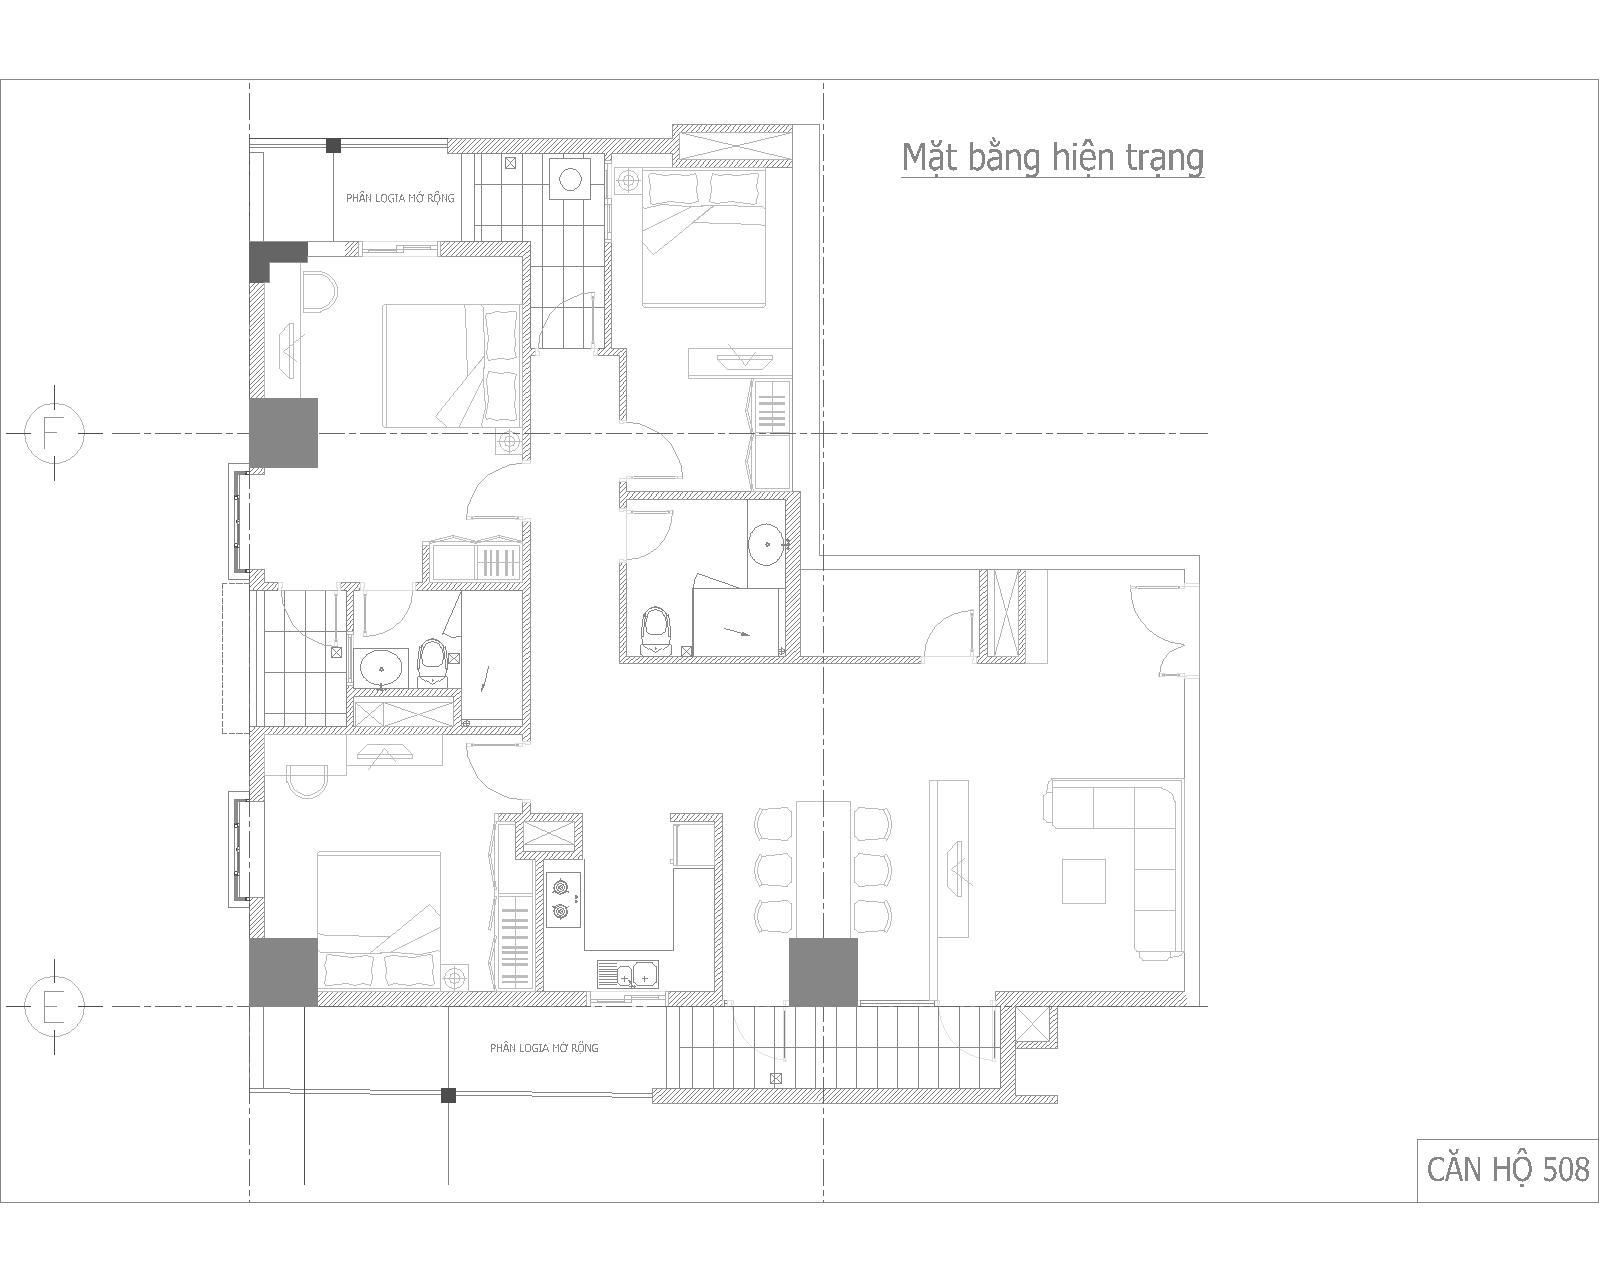 Nội thất căn hộ số 05 - chung cư GP Building - Mặt bằng hiện trạng với nhiều ngóc ngách do trong nhà có khá nhiều cột kết cấu lớn và hộp kỹ thuật